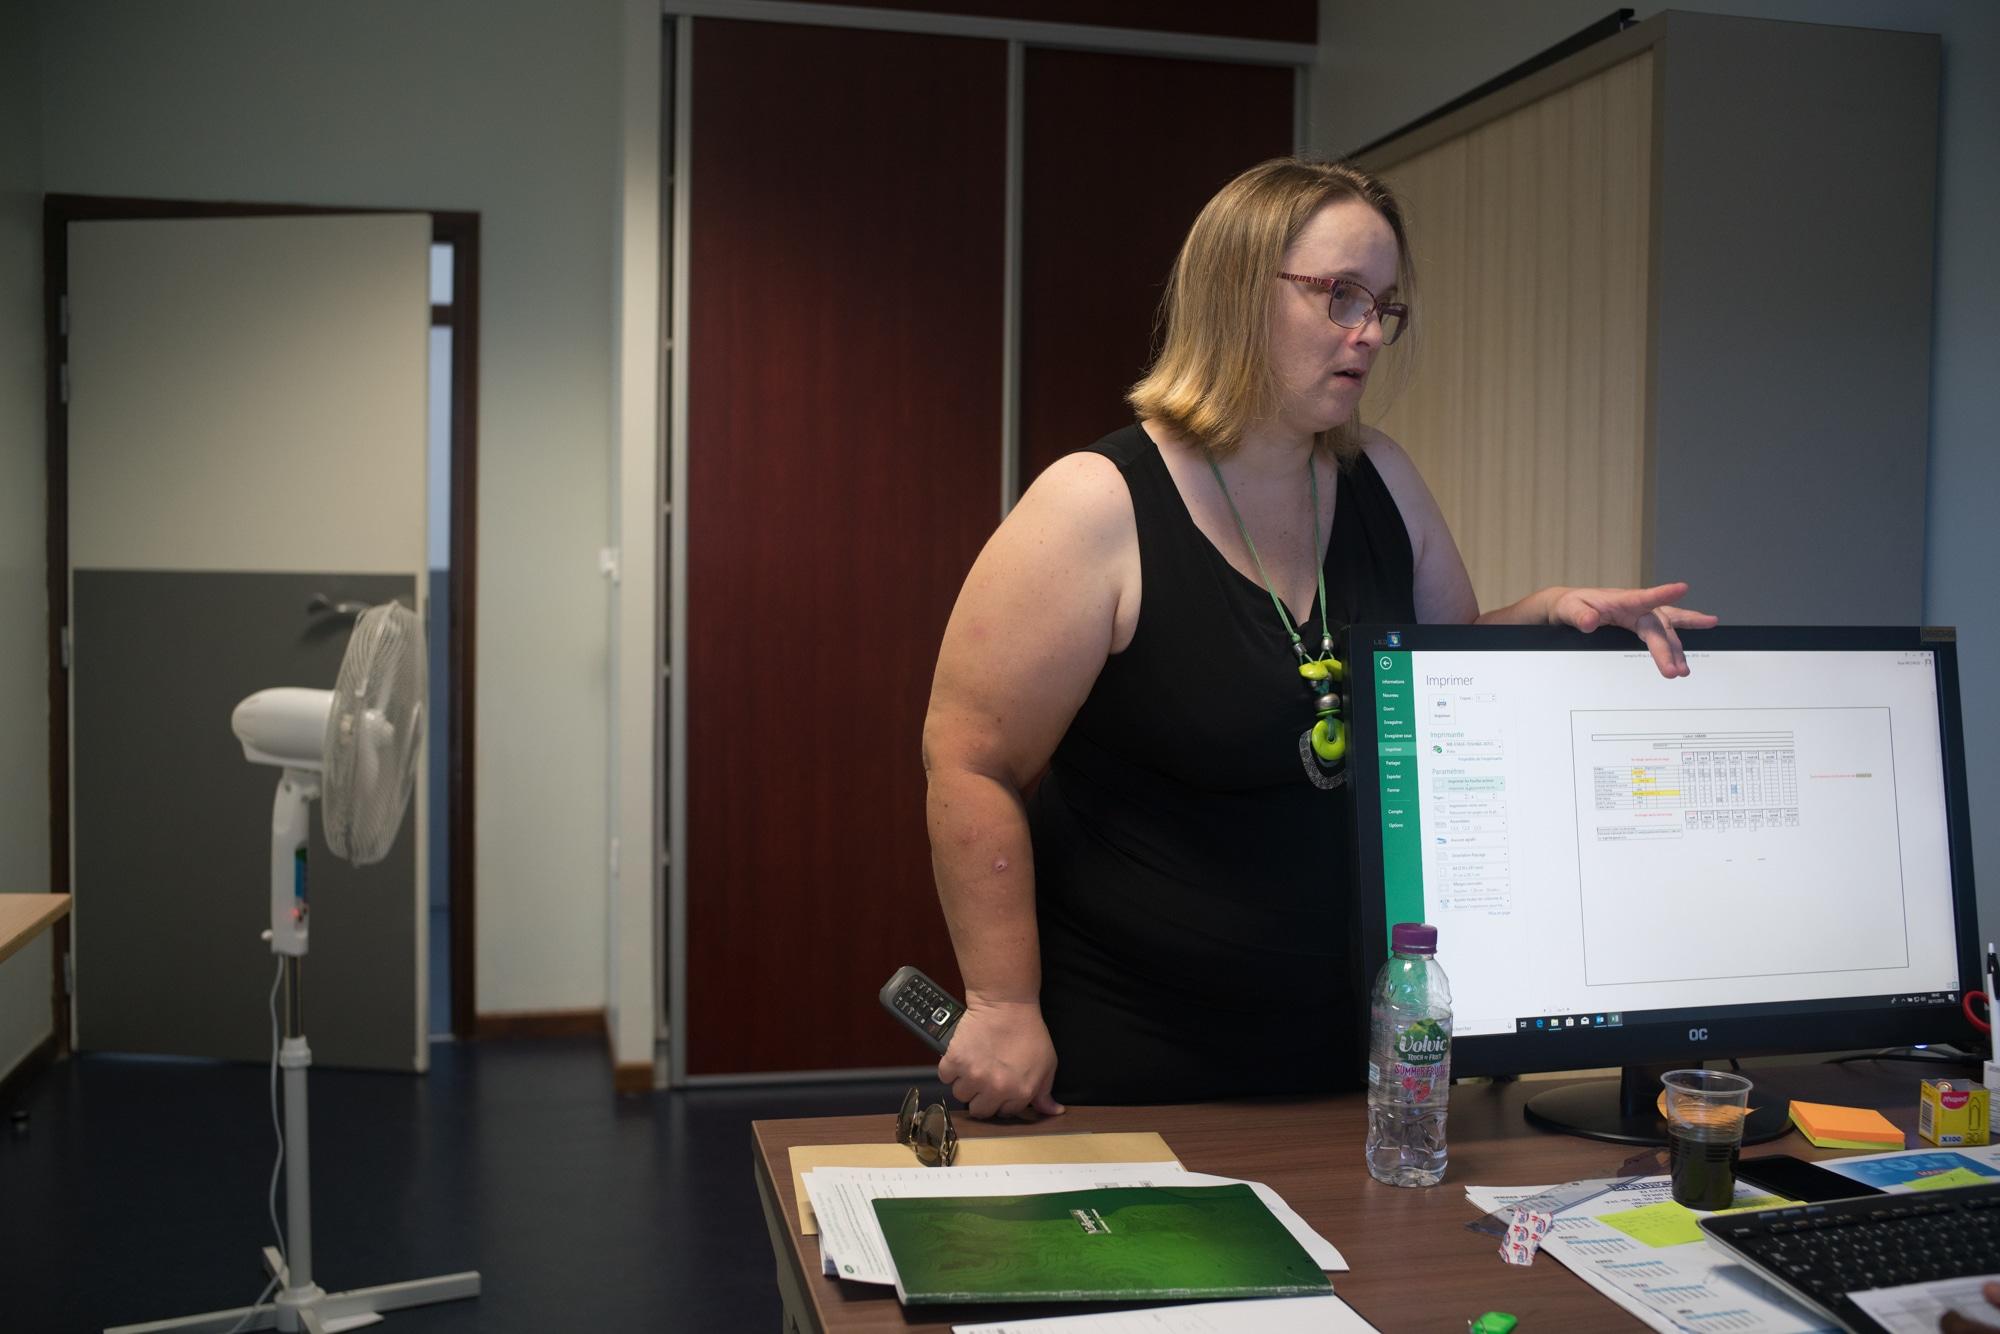 Une main sur le moniteur et l'autre sur le bureau, tenant un téléphone, Lucy s'adresse à un collaborateur.